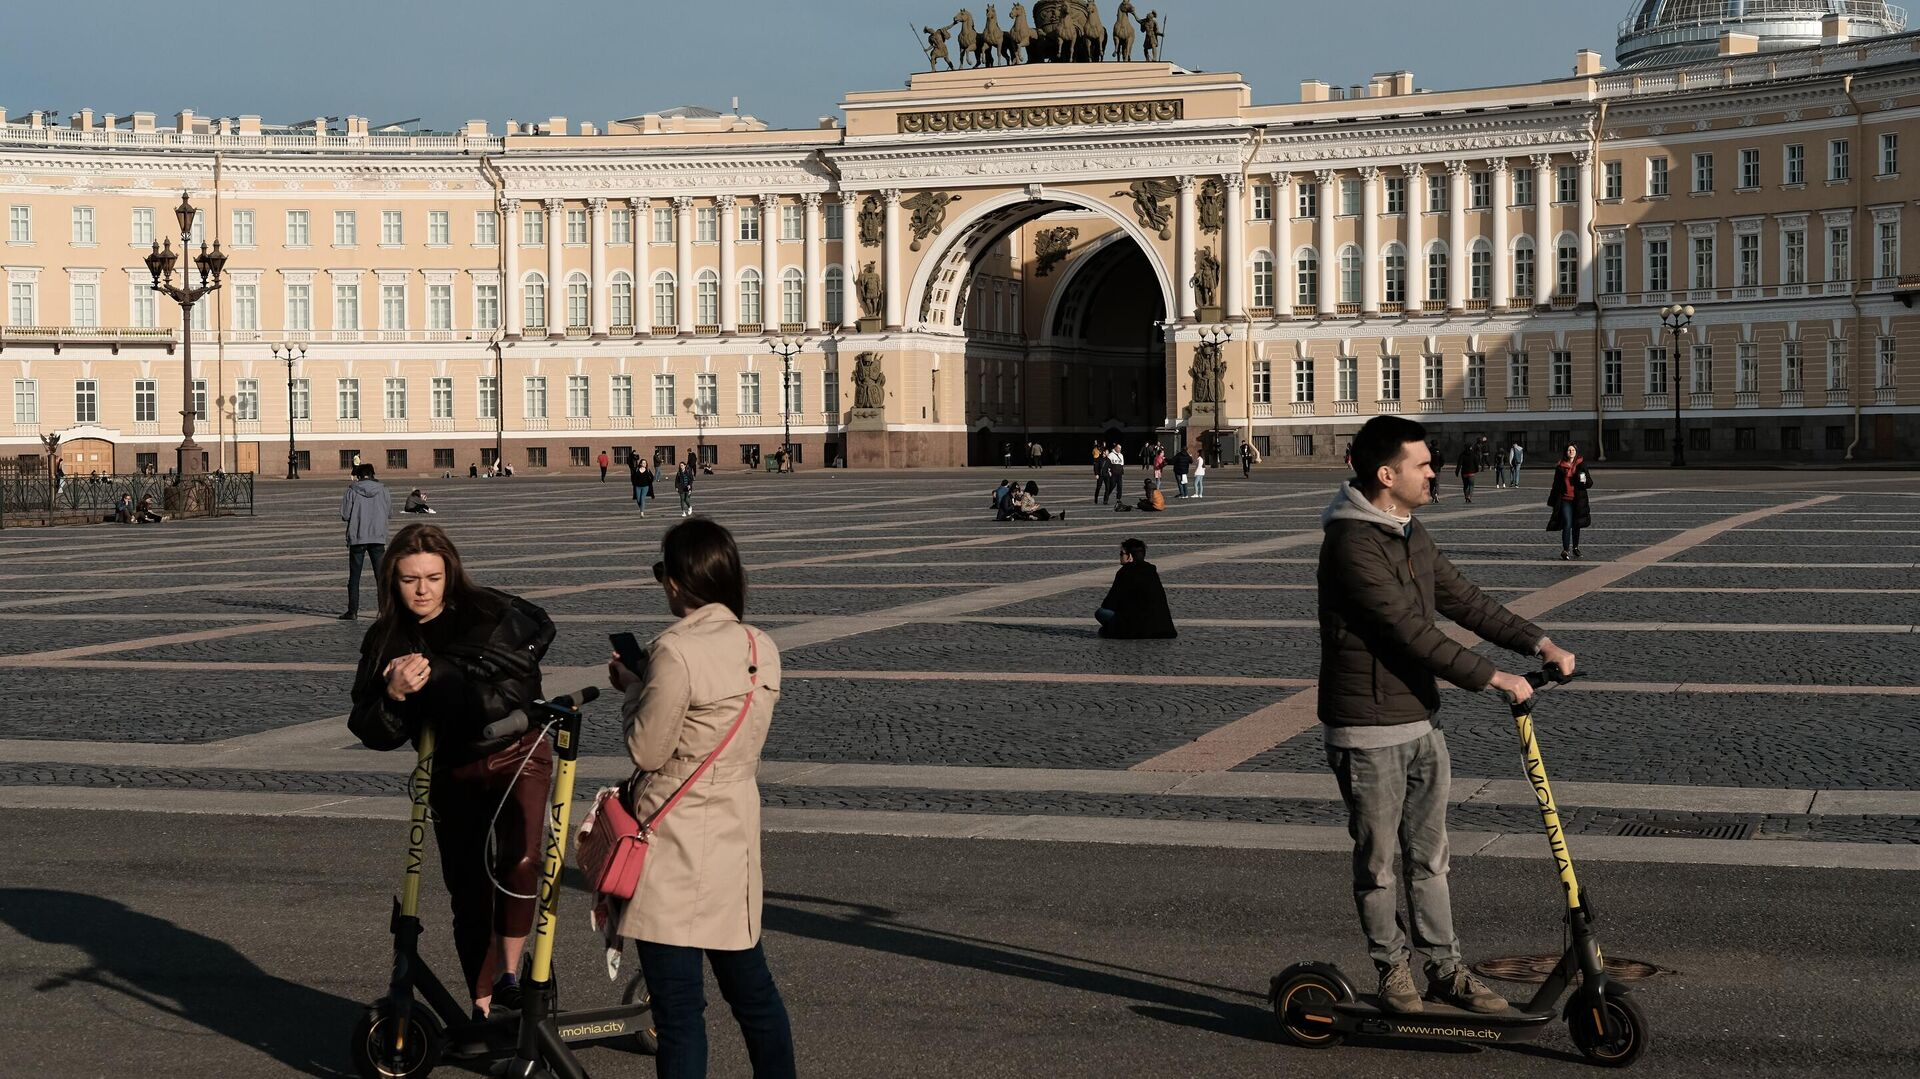 Люди на Дворцовой площади в Санкт-Петербурге - РИА Новости, 1920, 09.06.2021